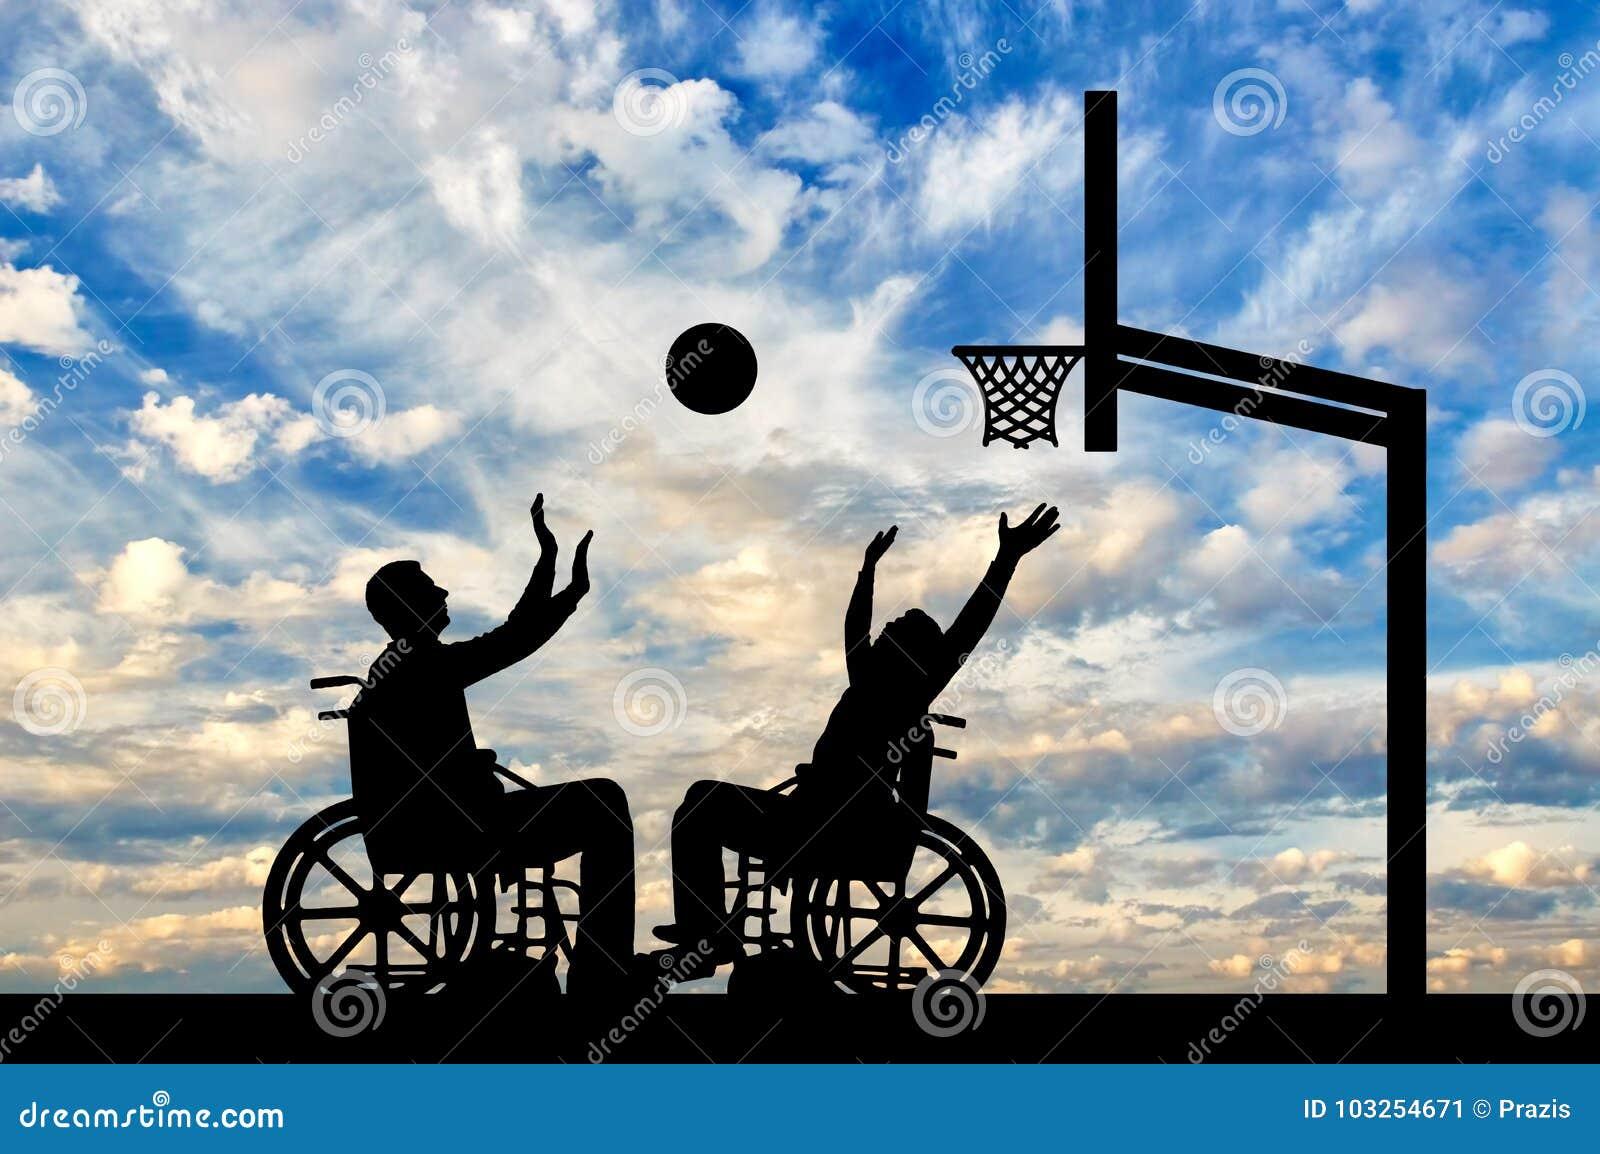 juegos de dos personas de deportes